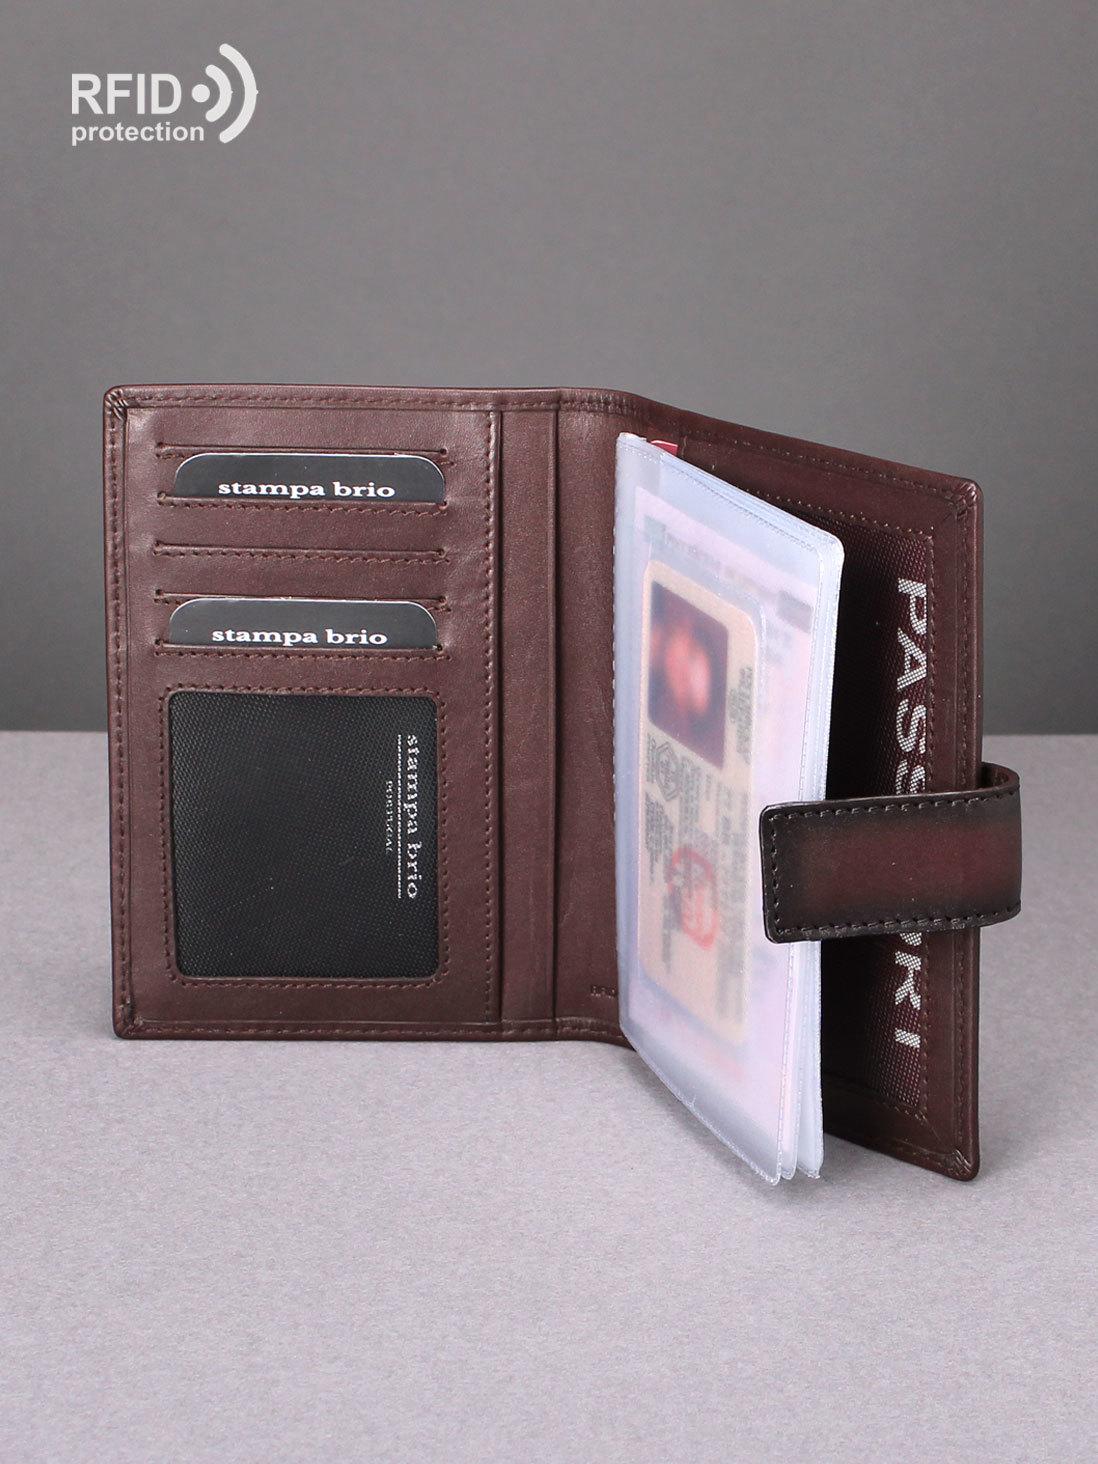 210 R - Обложка для документов с RFID защитой